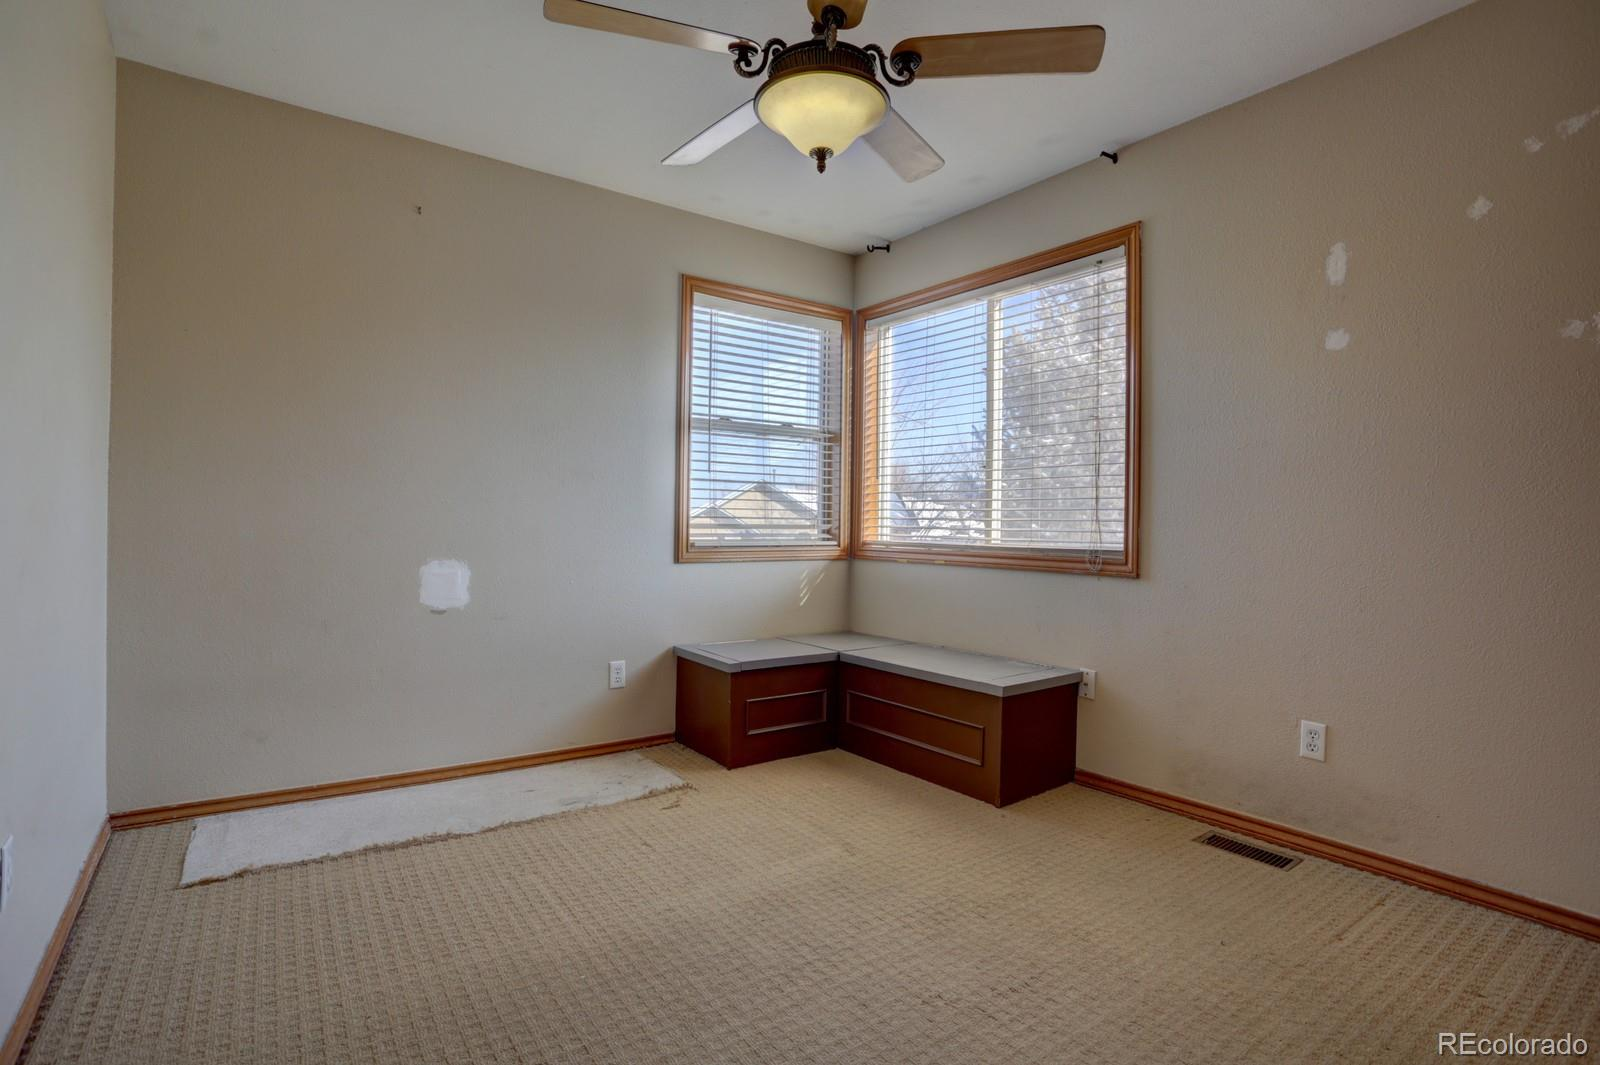 MLS# 5345837 - 24 - 5740 Slick Rock Court, Boulder, CO 80301